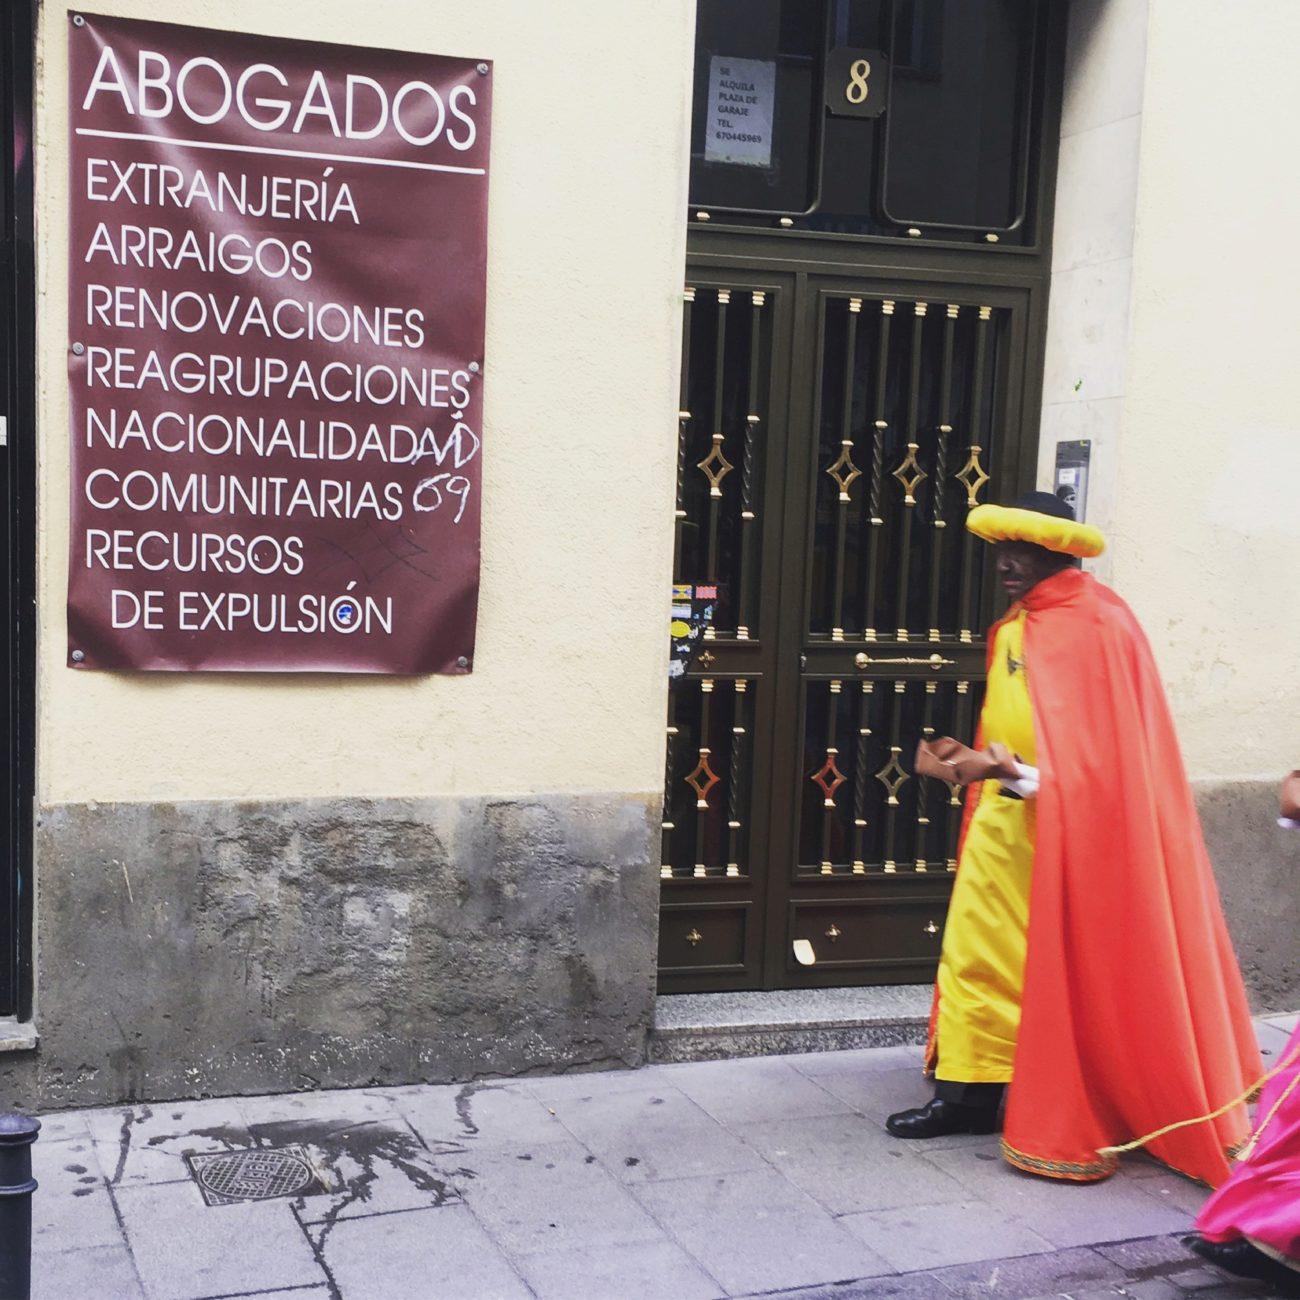 Abogados, extranjería... recursos de expulsión, en la calle del...